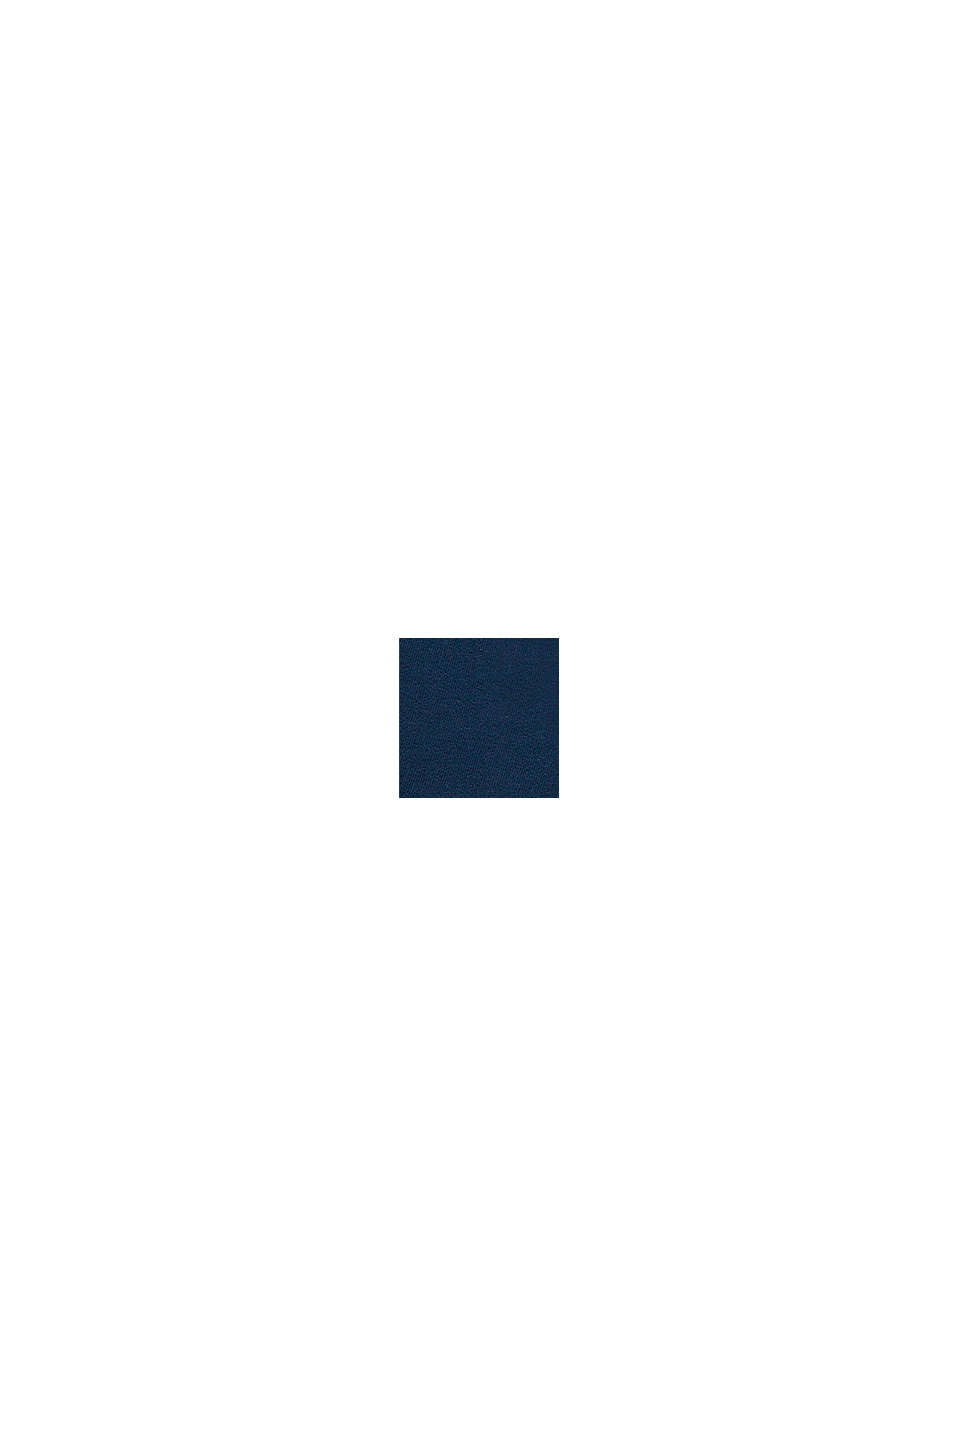 Sweatshorts mit Seitenstreifen, 100% Baumwolle, PETROL BLUE, swatch